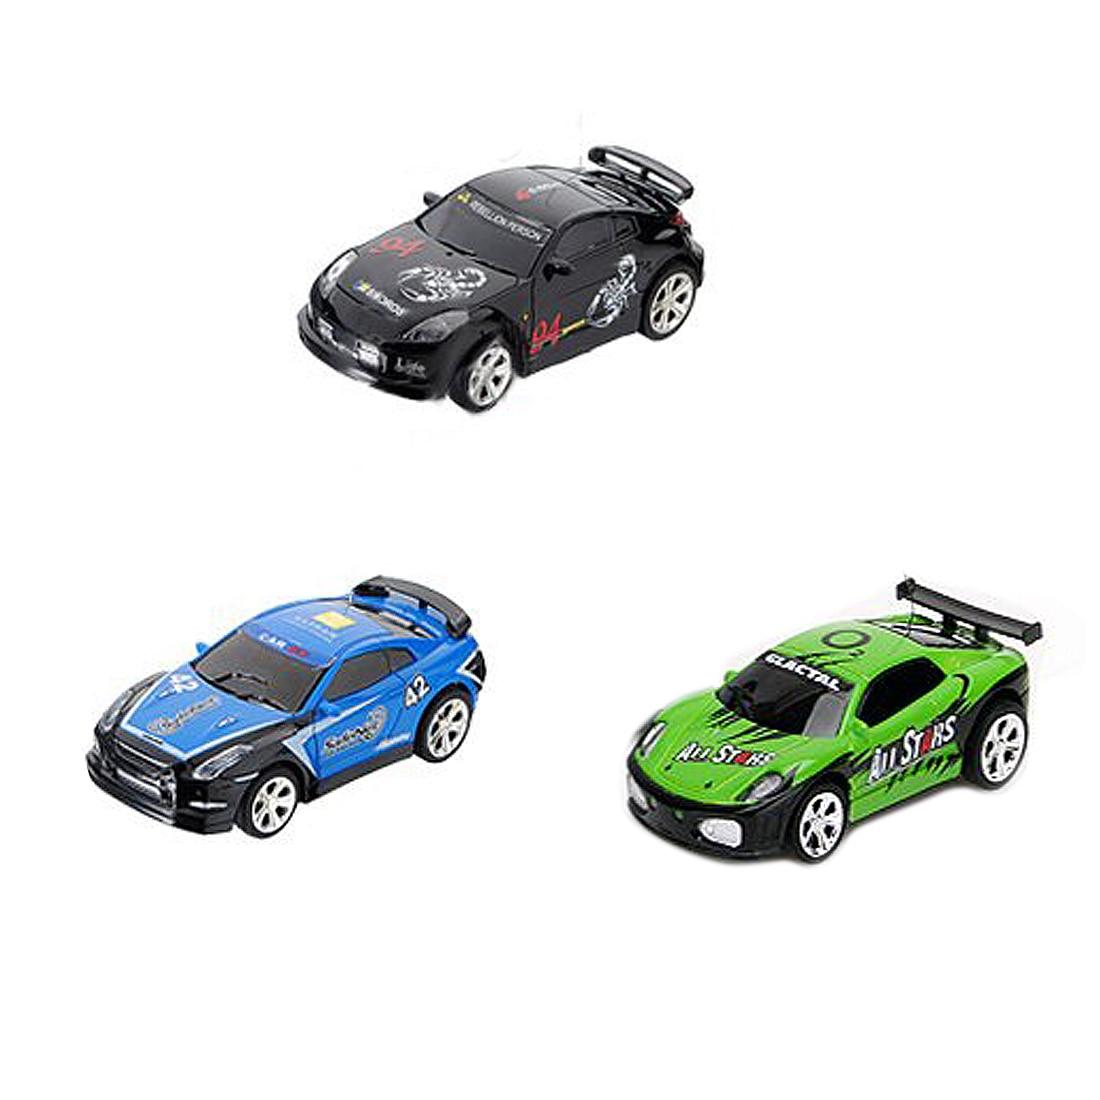 Maha Mini Rc Remote Controlled Auto Racewagen Speelgoed In De Drank Kan 1:58 (zwart/blauw/groen) Nieuwe Wees Nieuw In Ontwerp